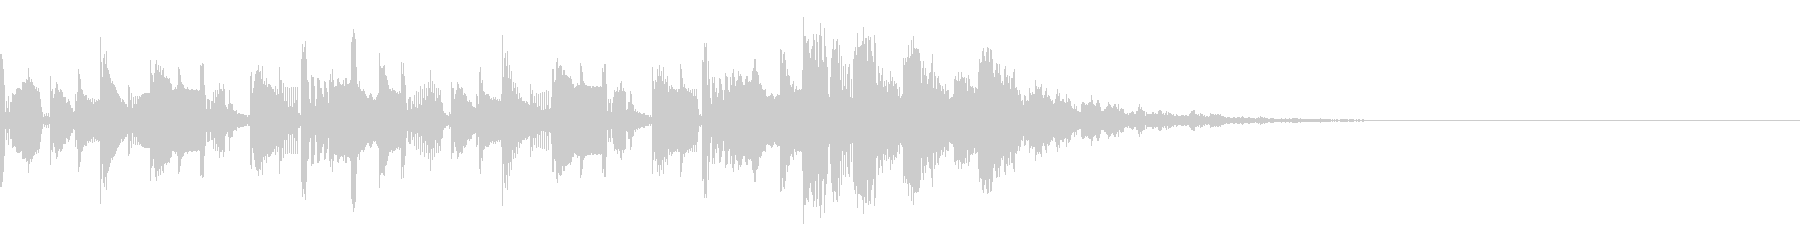 ラジオのアイキャッチ風ショートジングルの未再生の波形